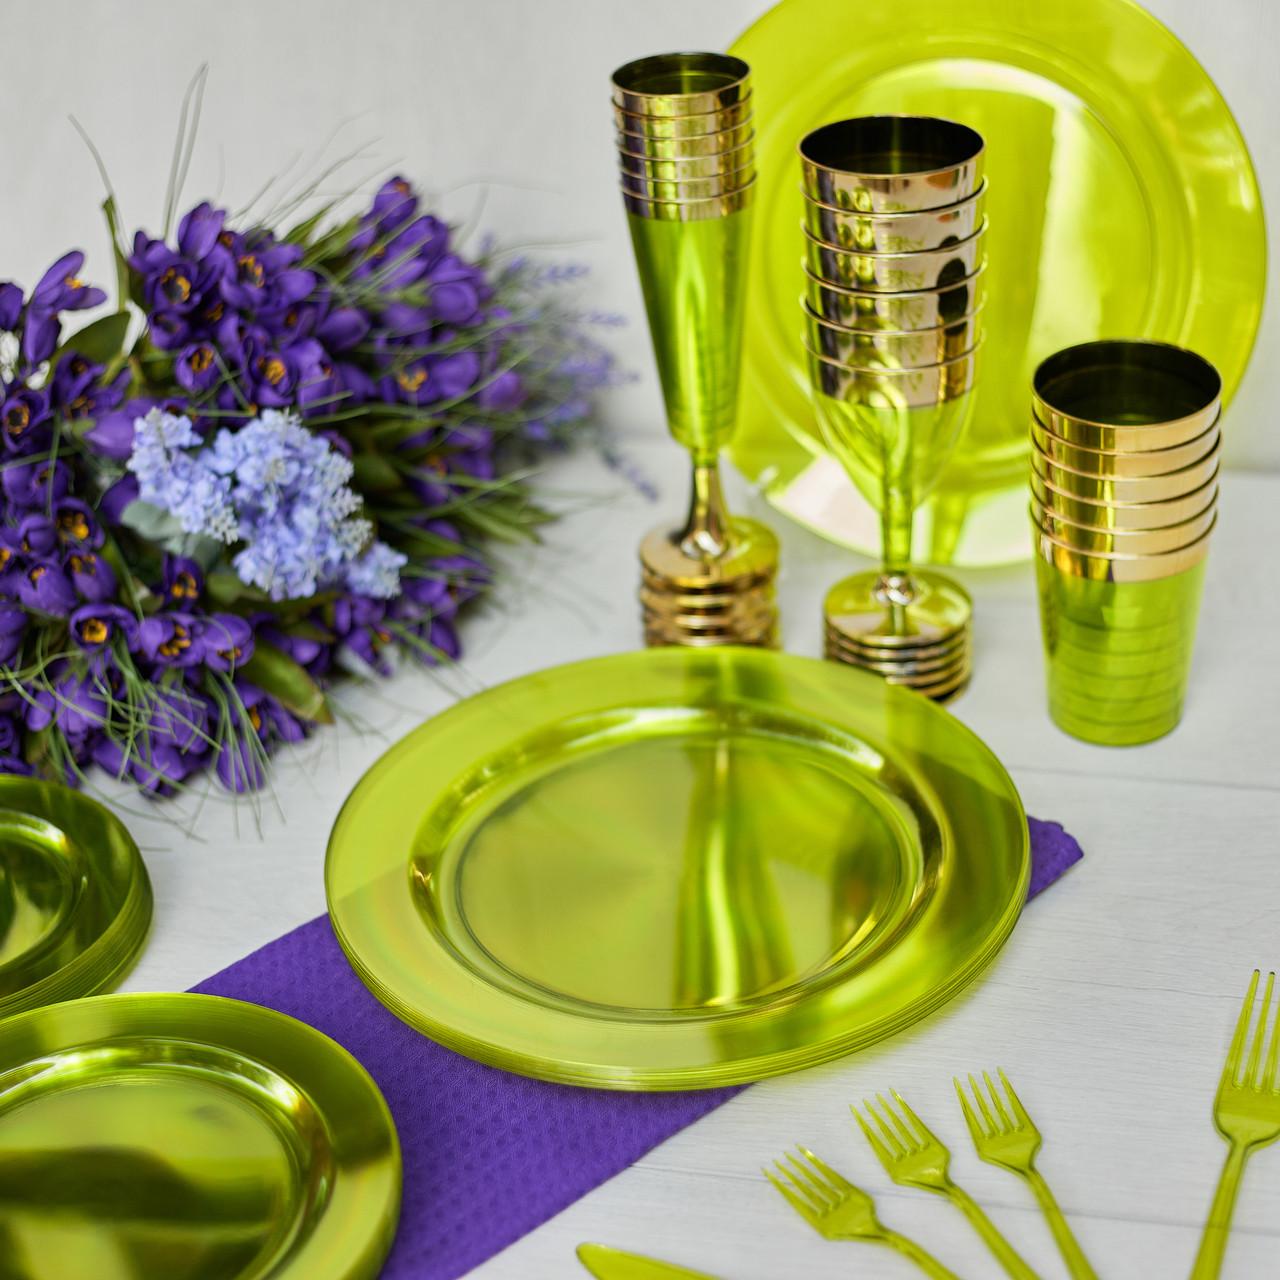 Тарелки пластиковые термостойкие, плотные для пикника,  мангал меню. Полная сервировка стола. CFP 6 шт 260 мм